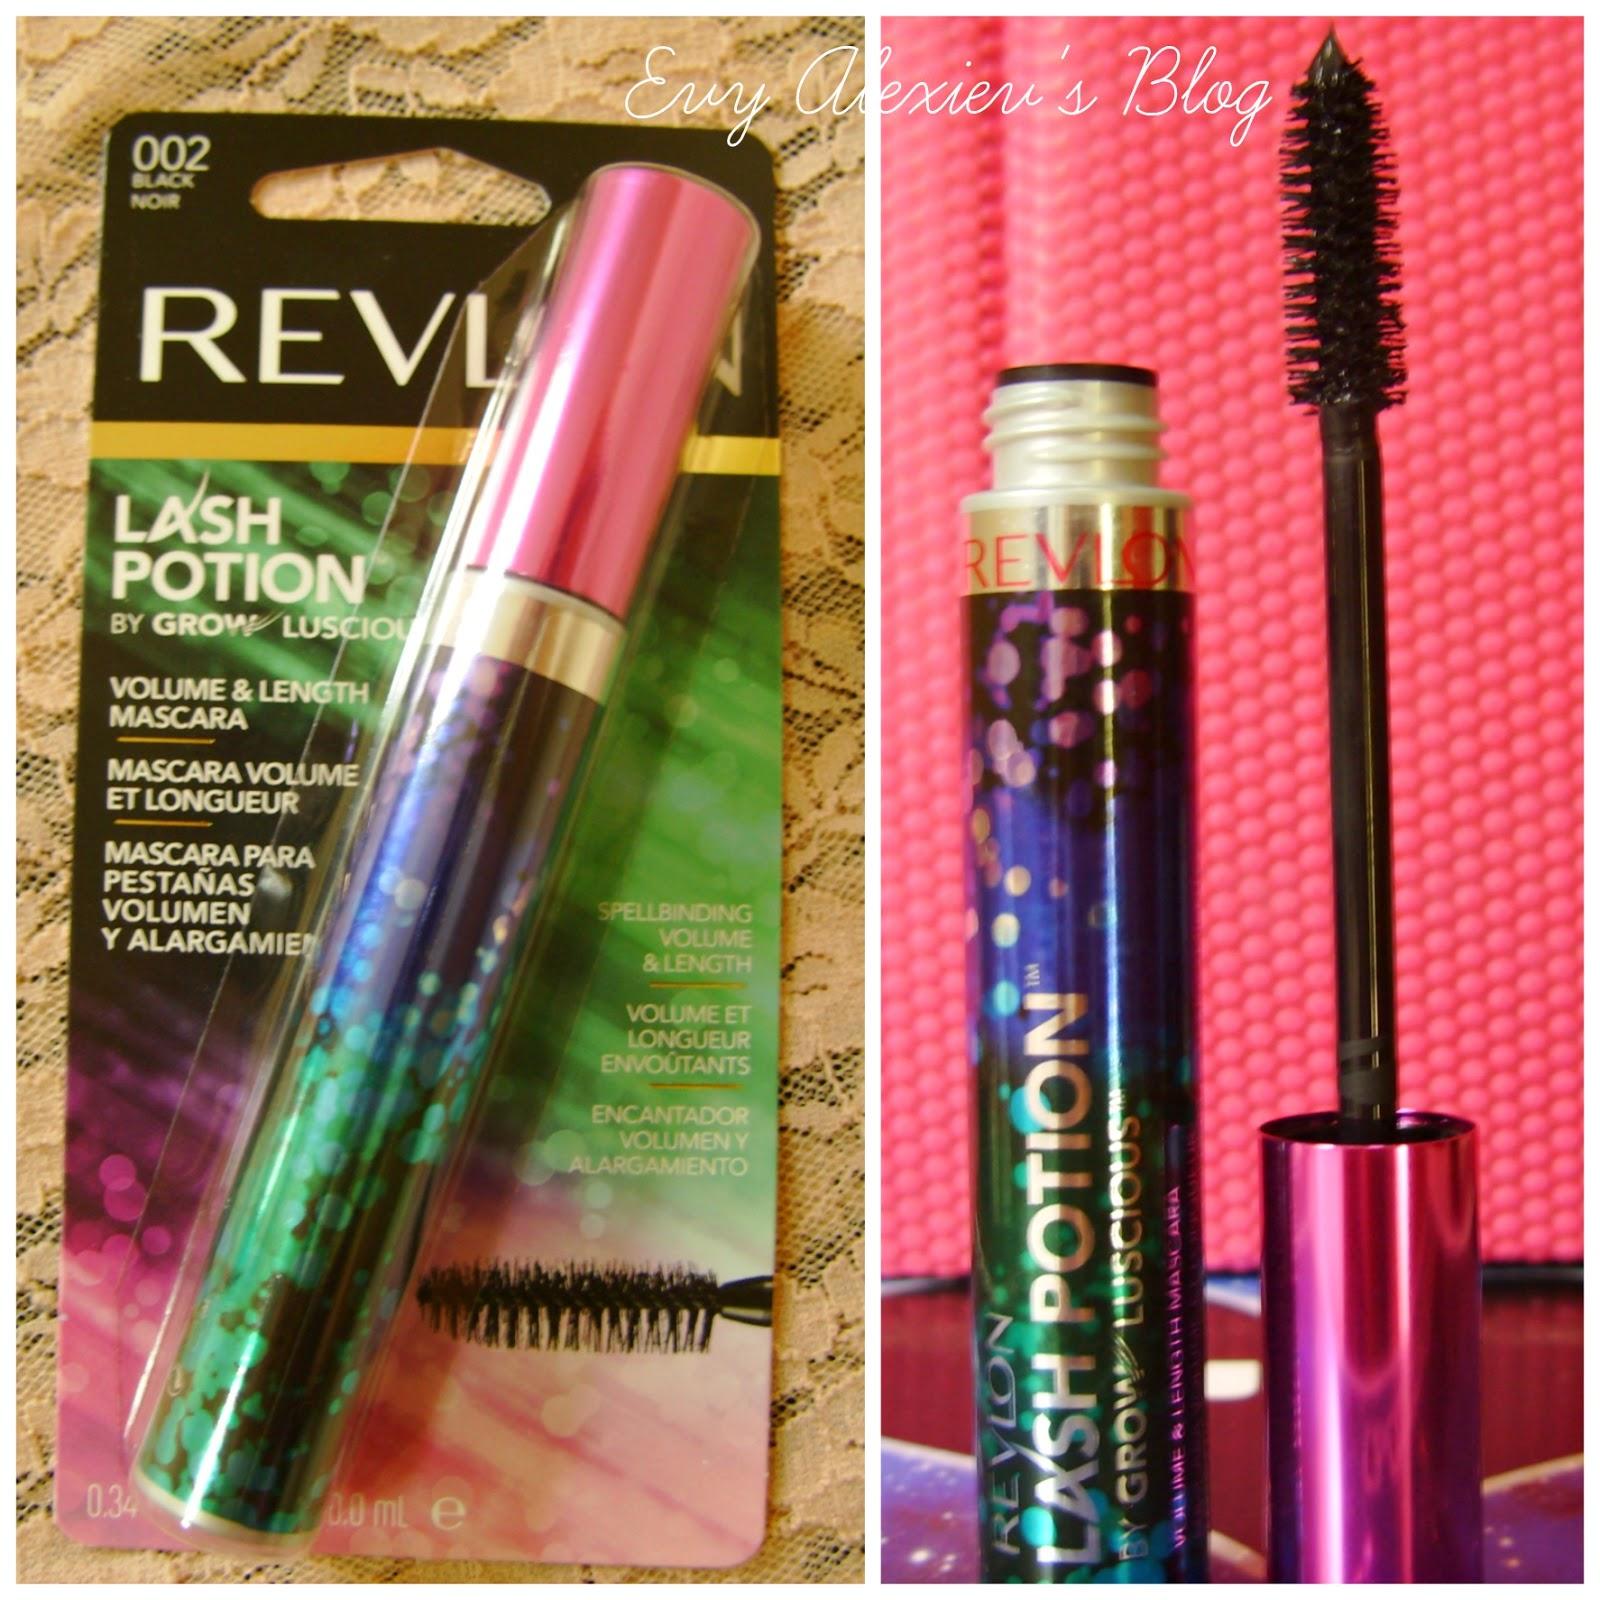 Lipstick Bouquet Revlon Lash Potion Mascara REVIEW